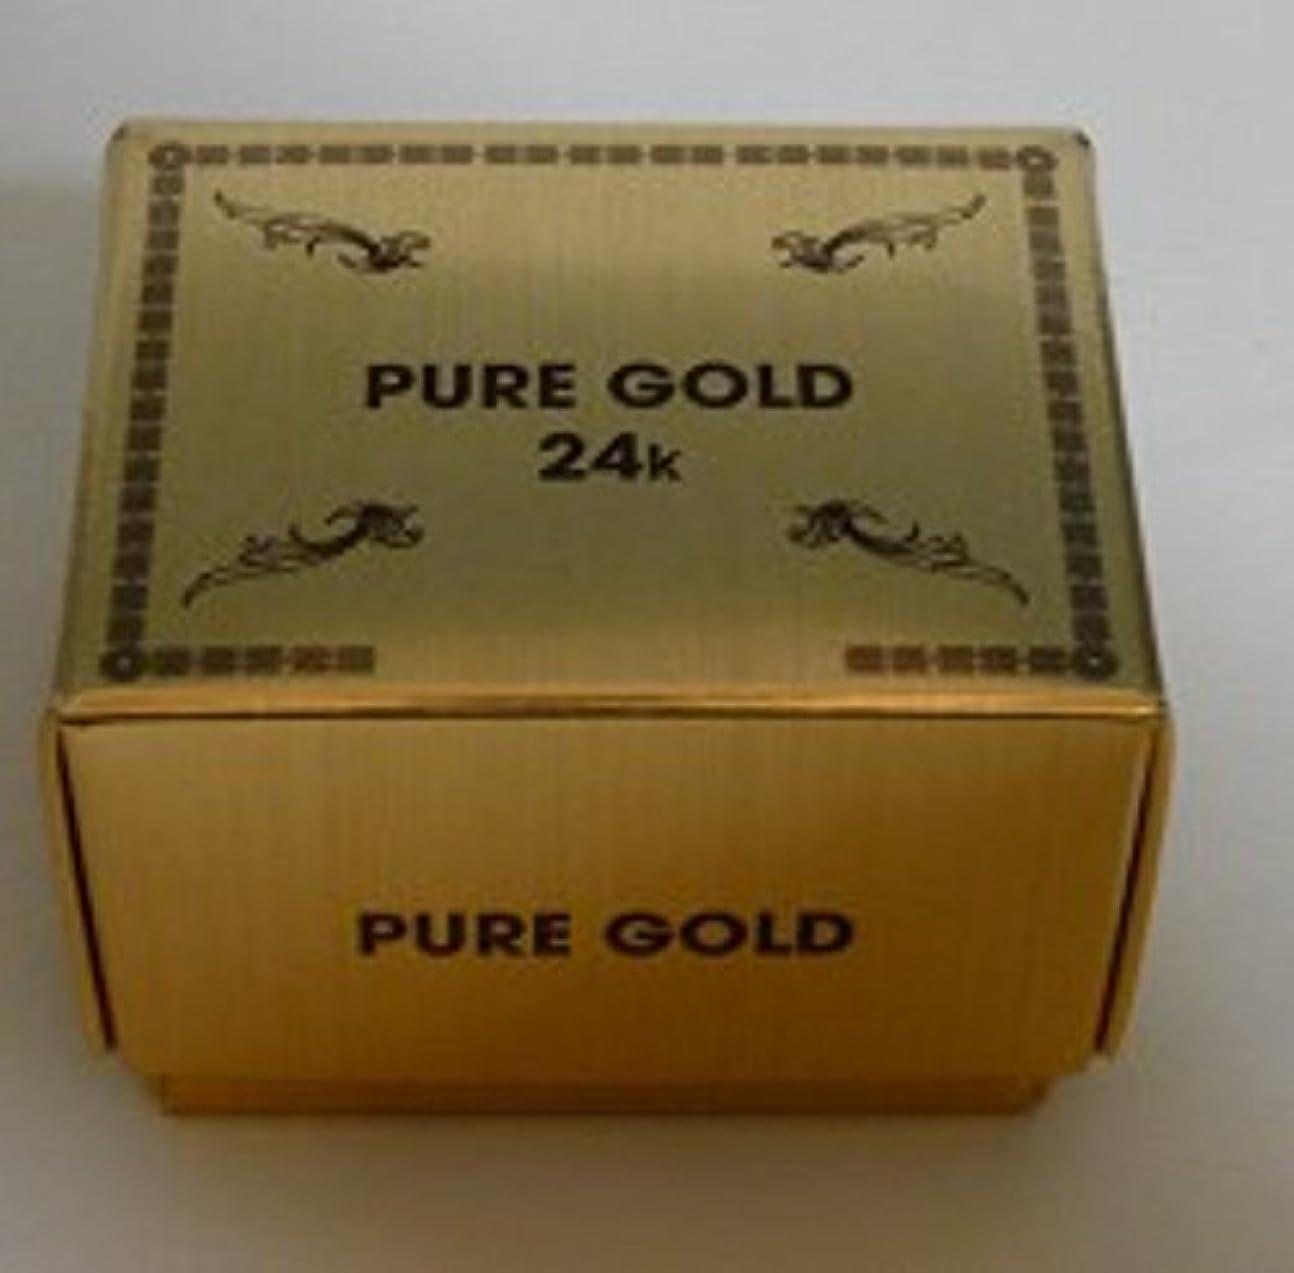 石灰岩カードプラスチック金箔エステ パック ゴールド24K 200枚